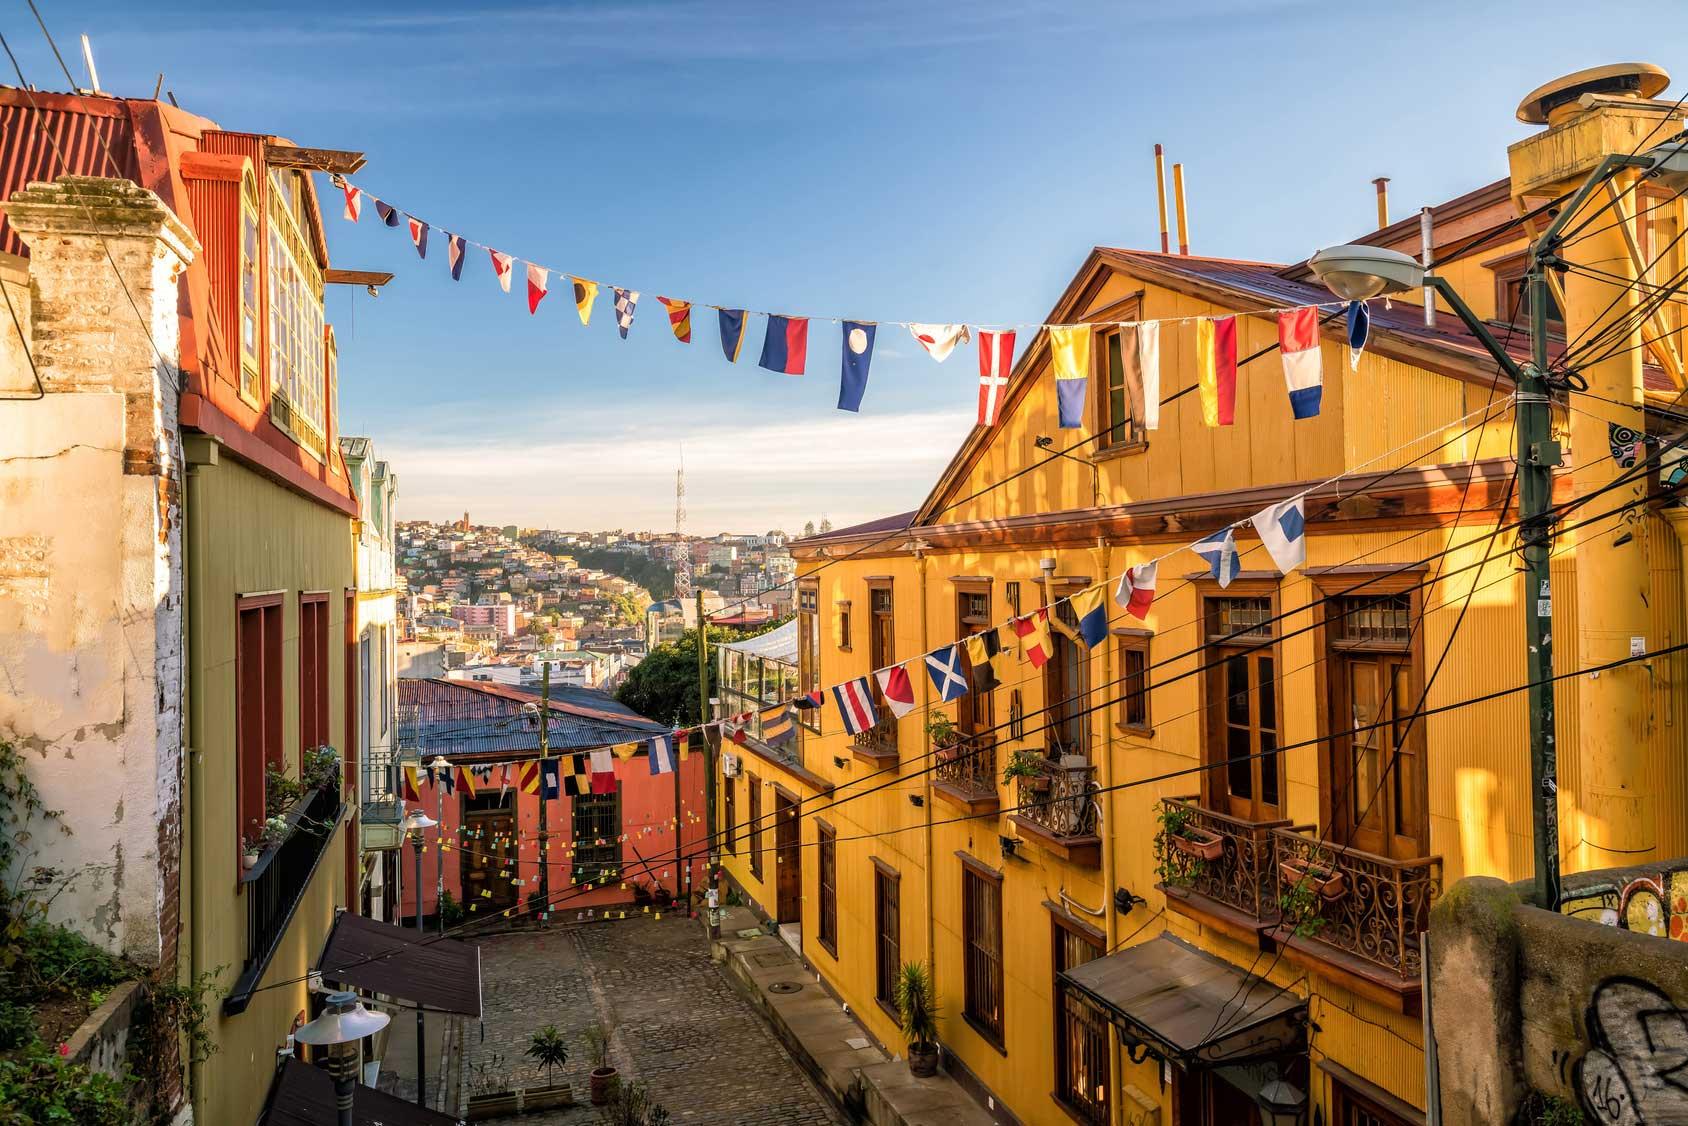 Bienvenidos a la ciudad de Valparaiso | Valparaiso.com